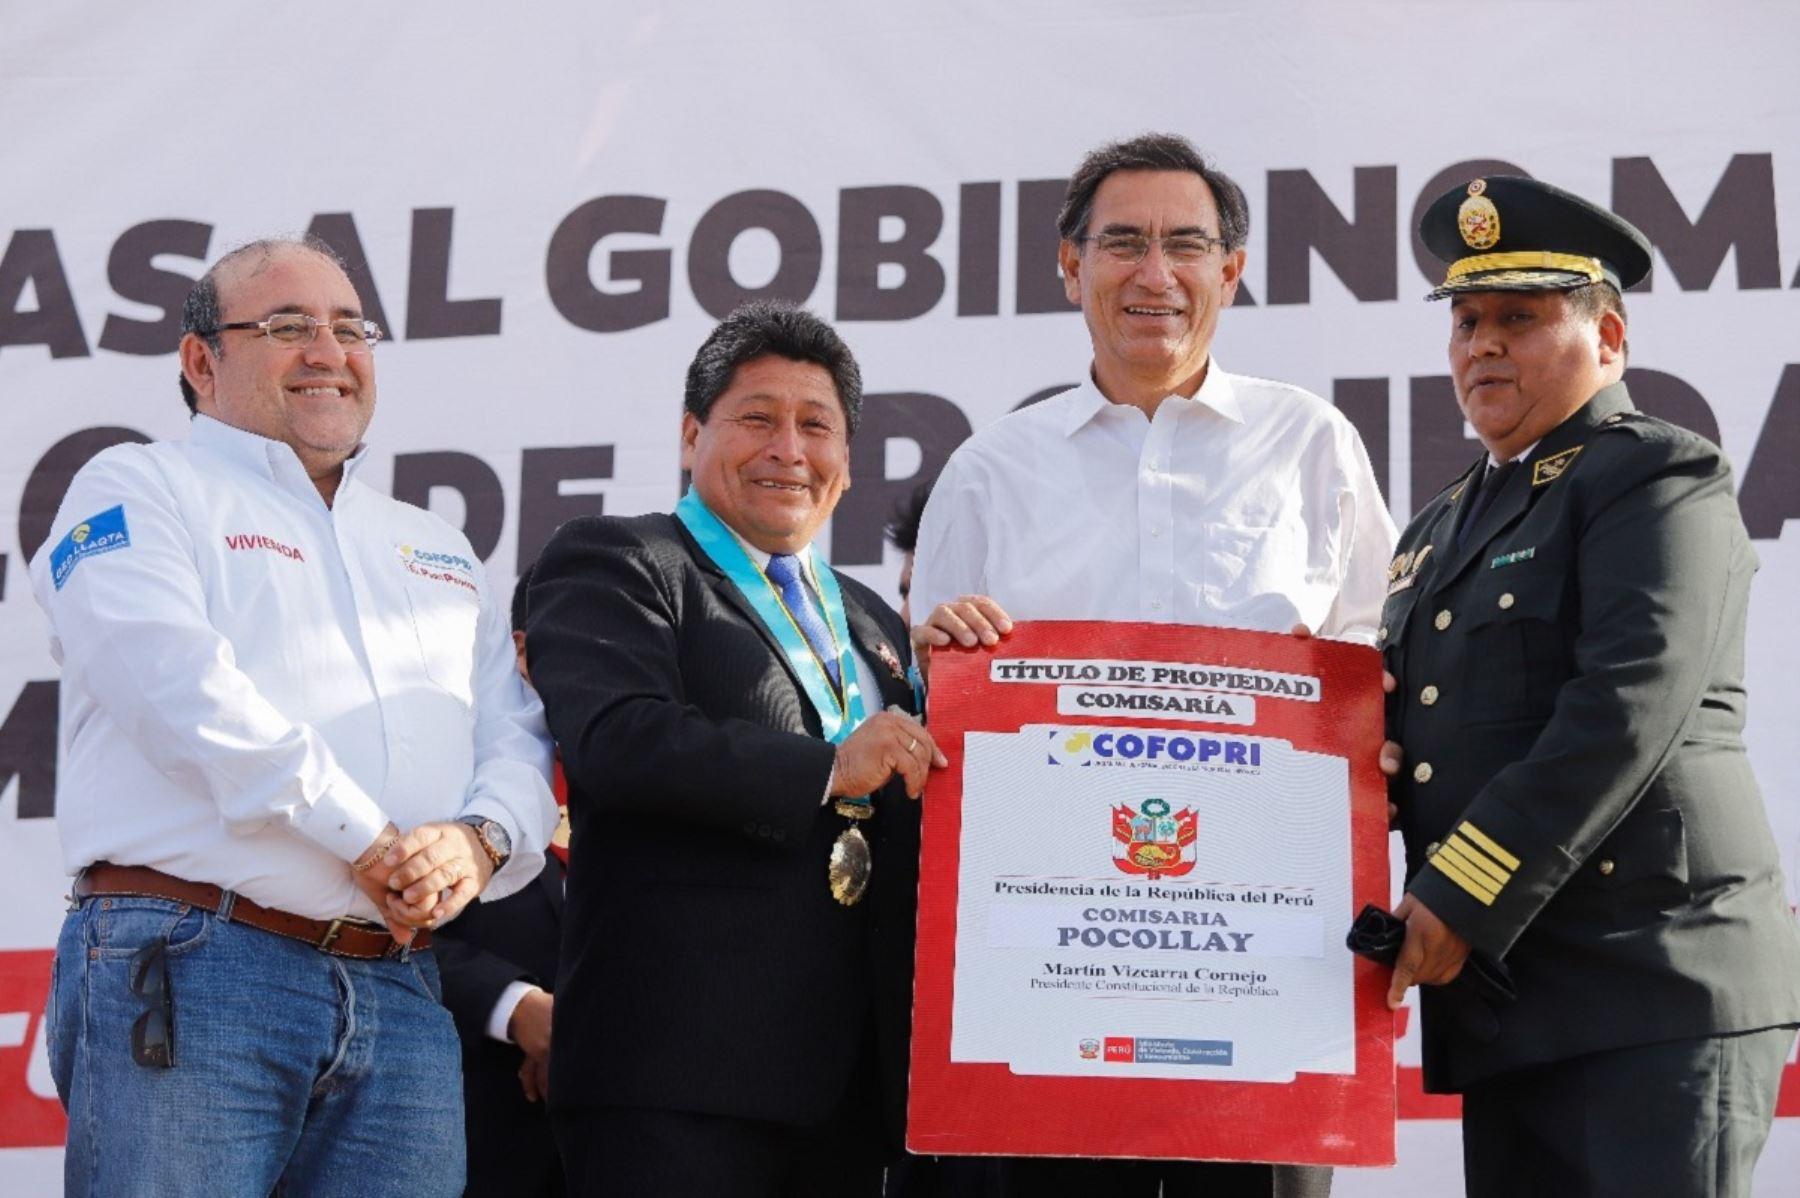 Presidente Martín Vizcarra y director ejecutivo de Cofopri, César Figueredo entregan títulos de propiedad en Tacna. Foto: Cortesía.